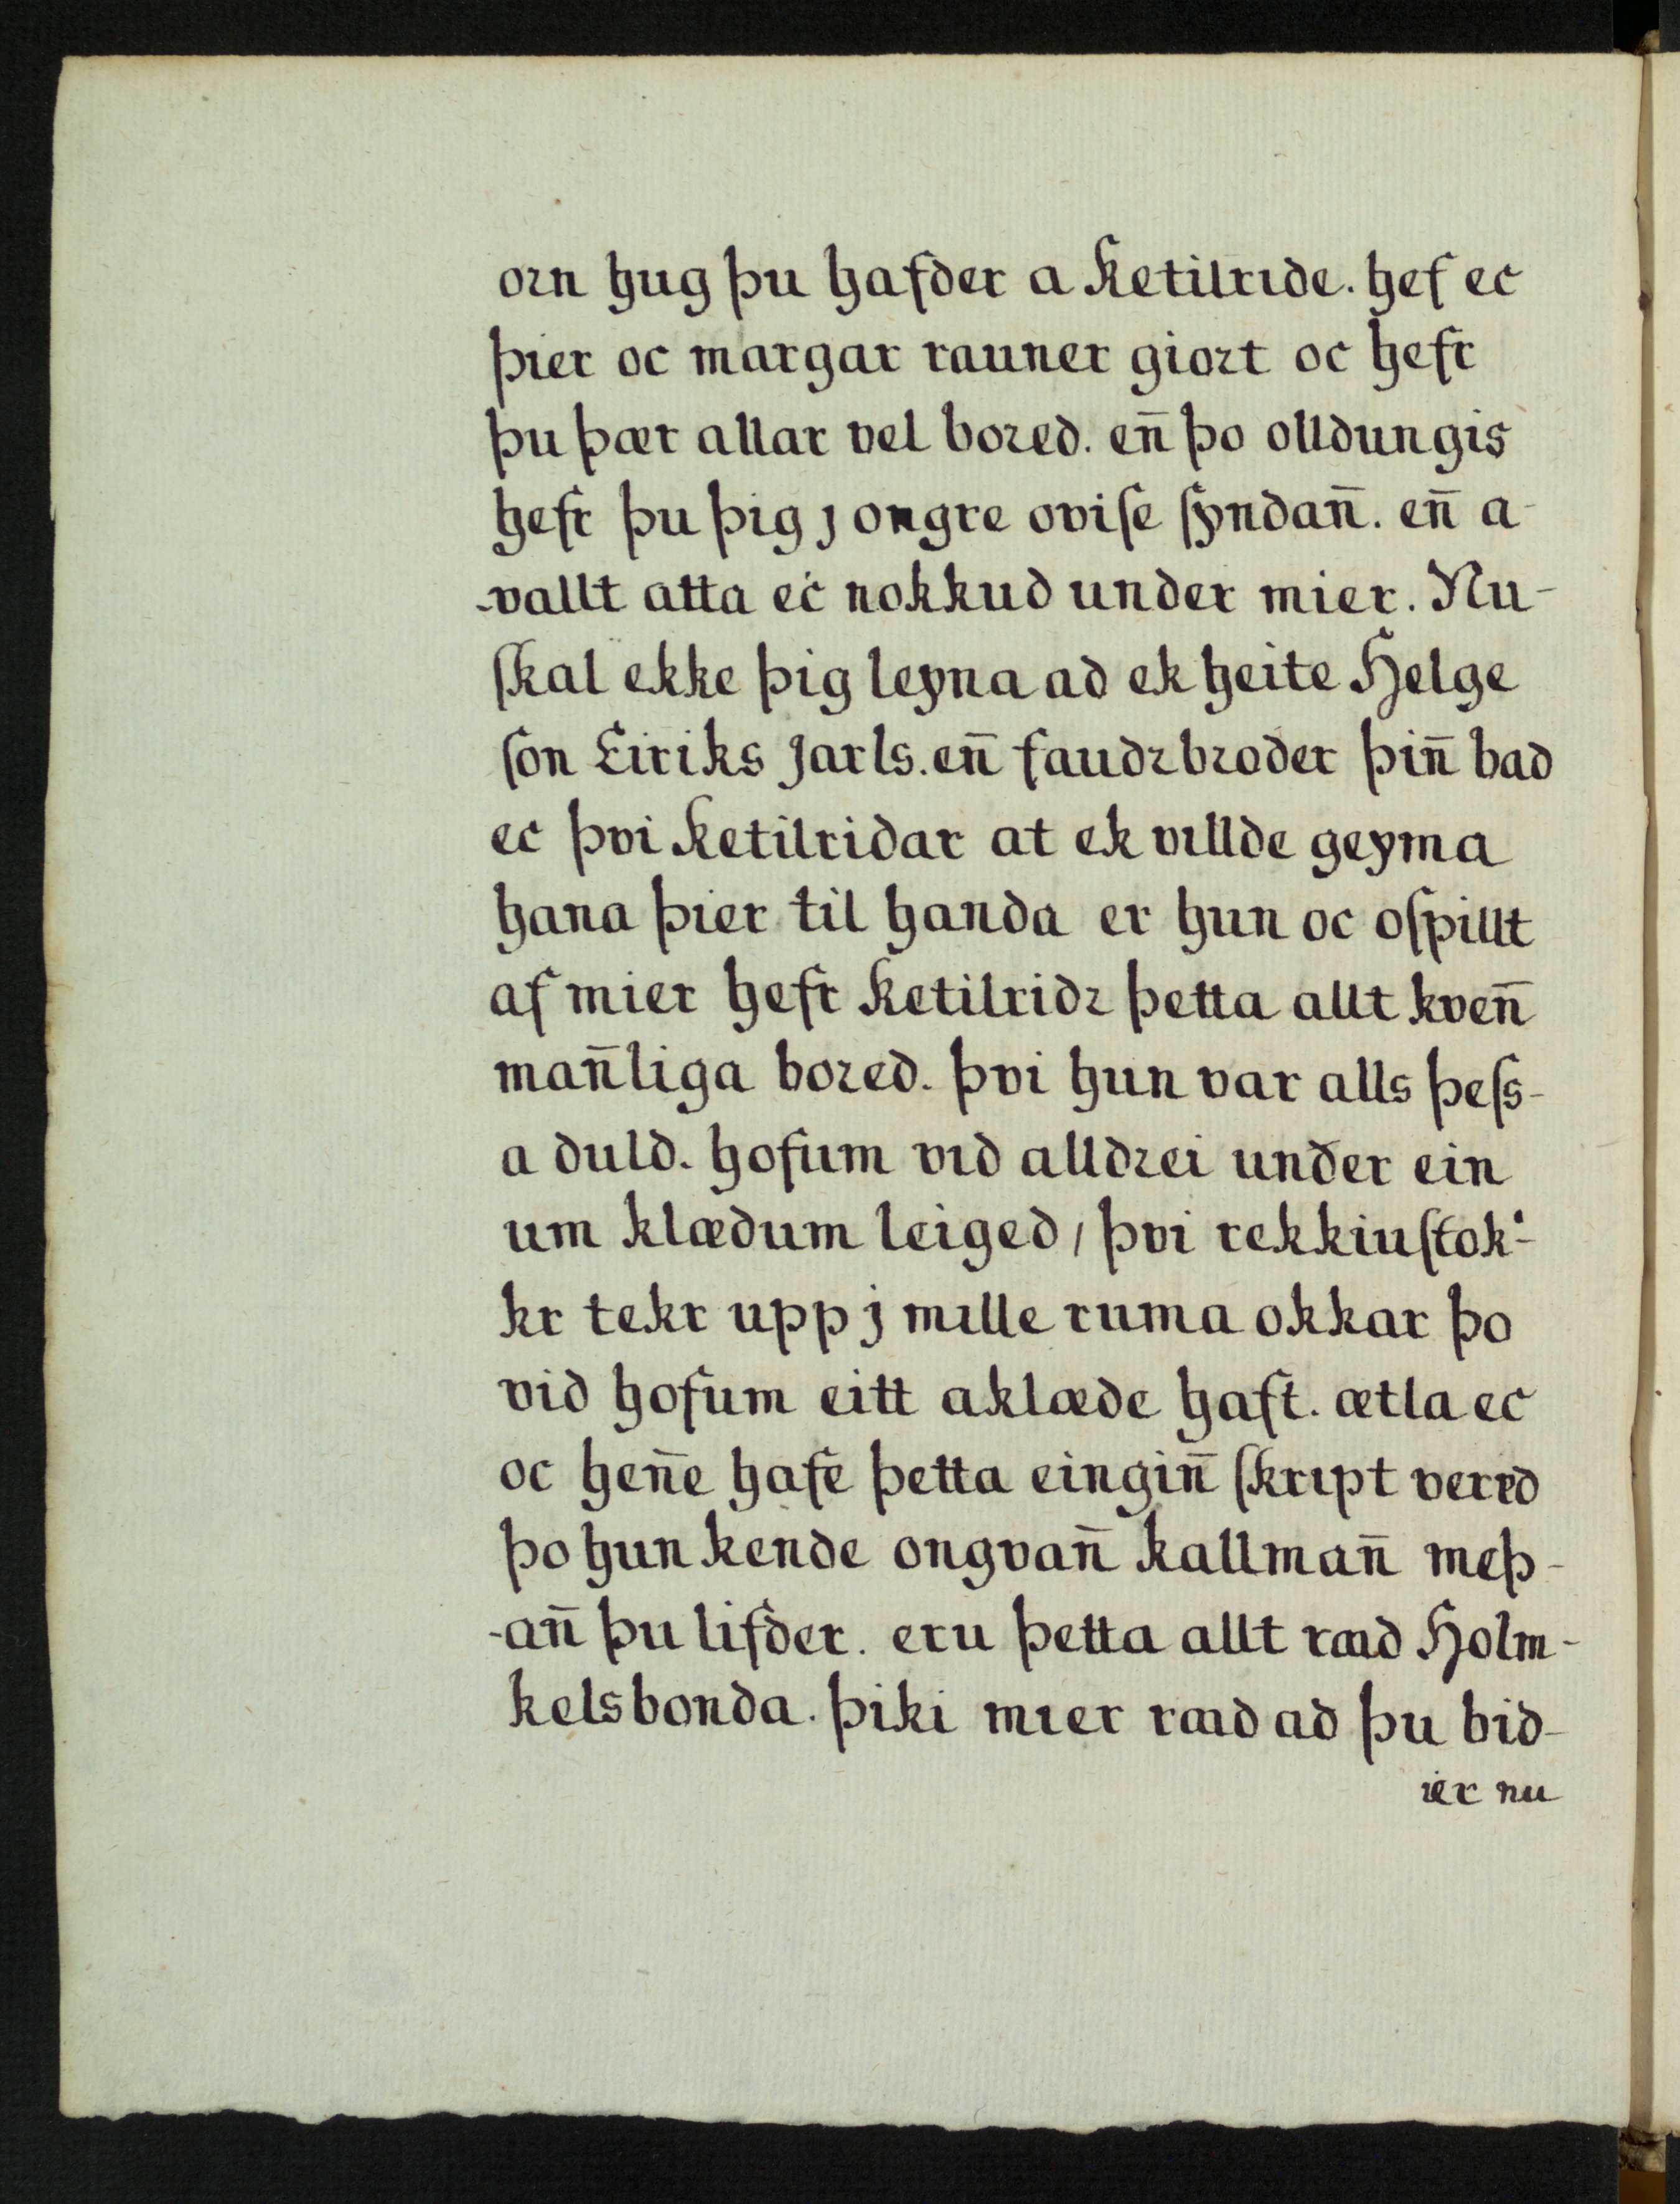 AM 553 d 4° - 51v